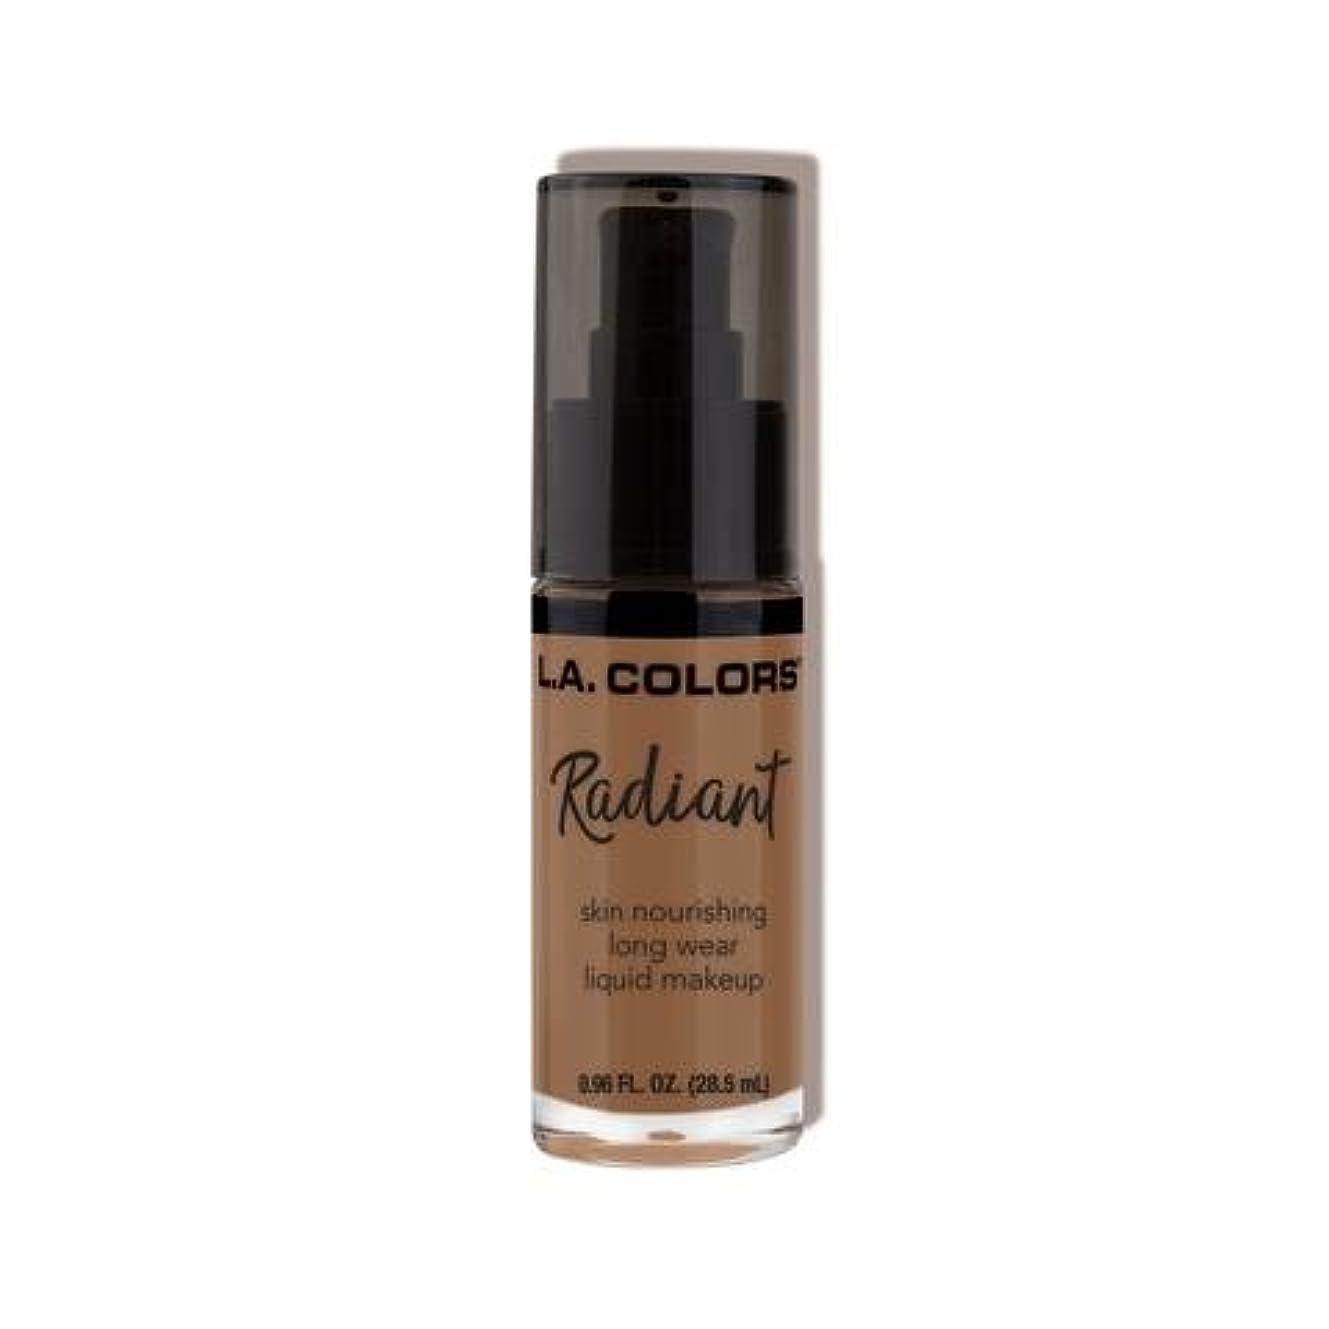 交通渋滞受けるどれか(3 Pack) L.A. COLORS Radiant Liquid Makeup - Mocha (並行輸入品)